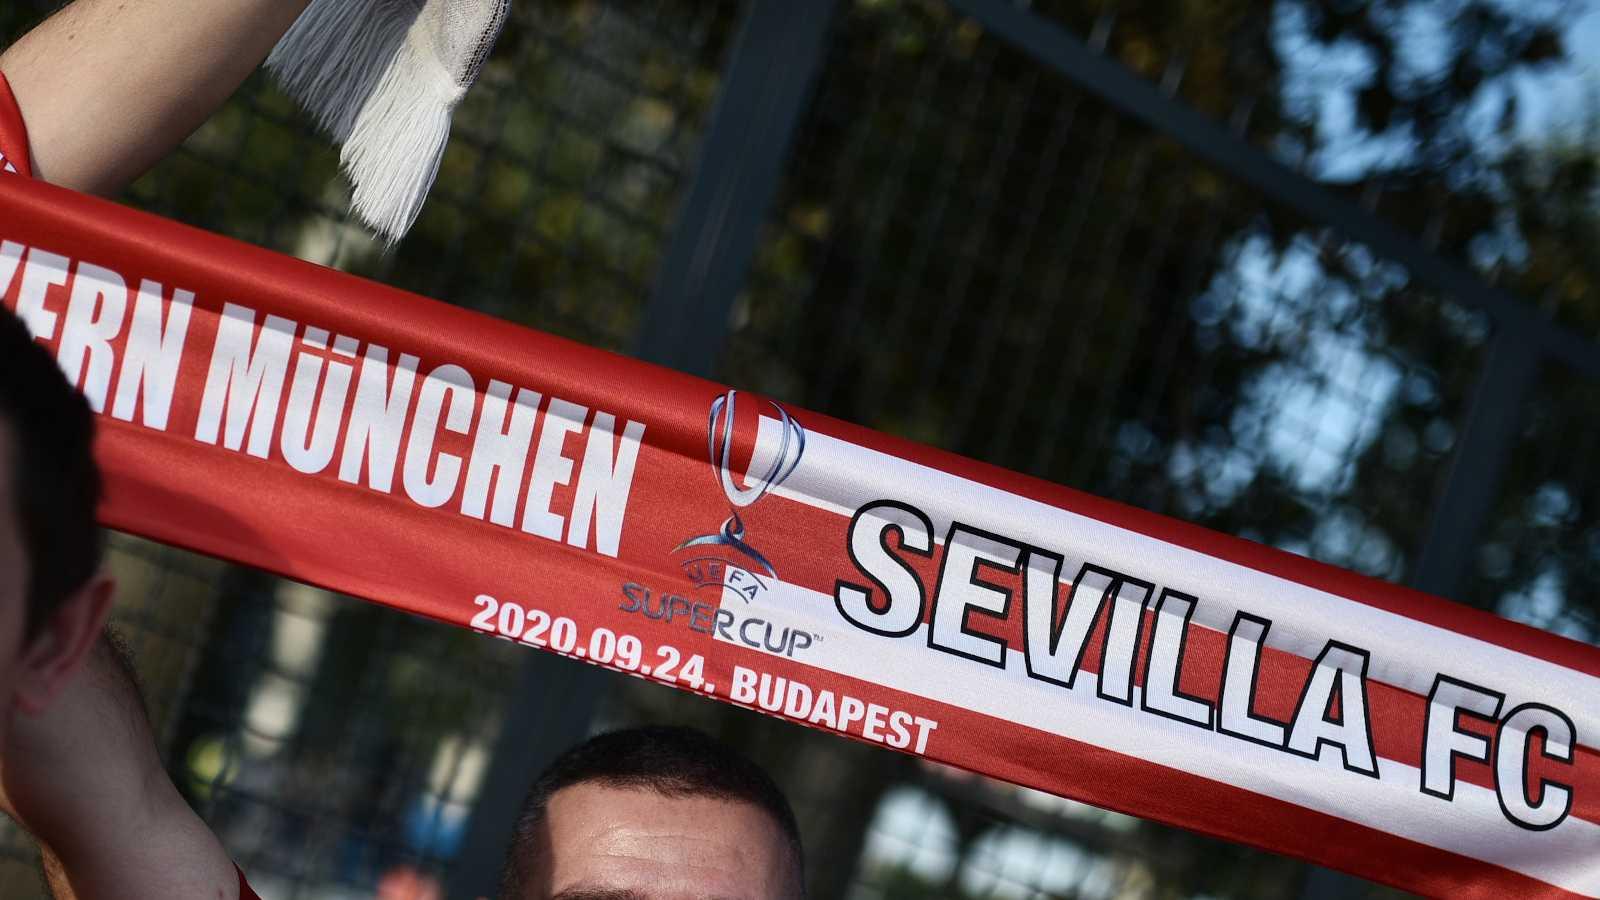 La afición sevillista confía en su equipo para levantar la Supercopa